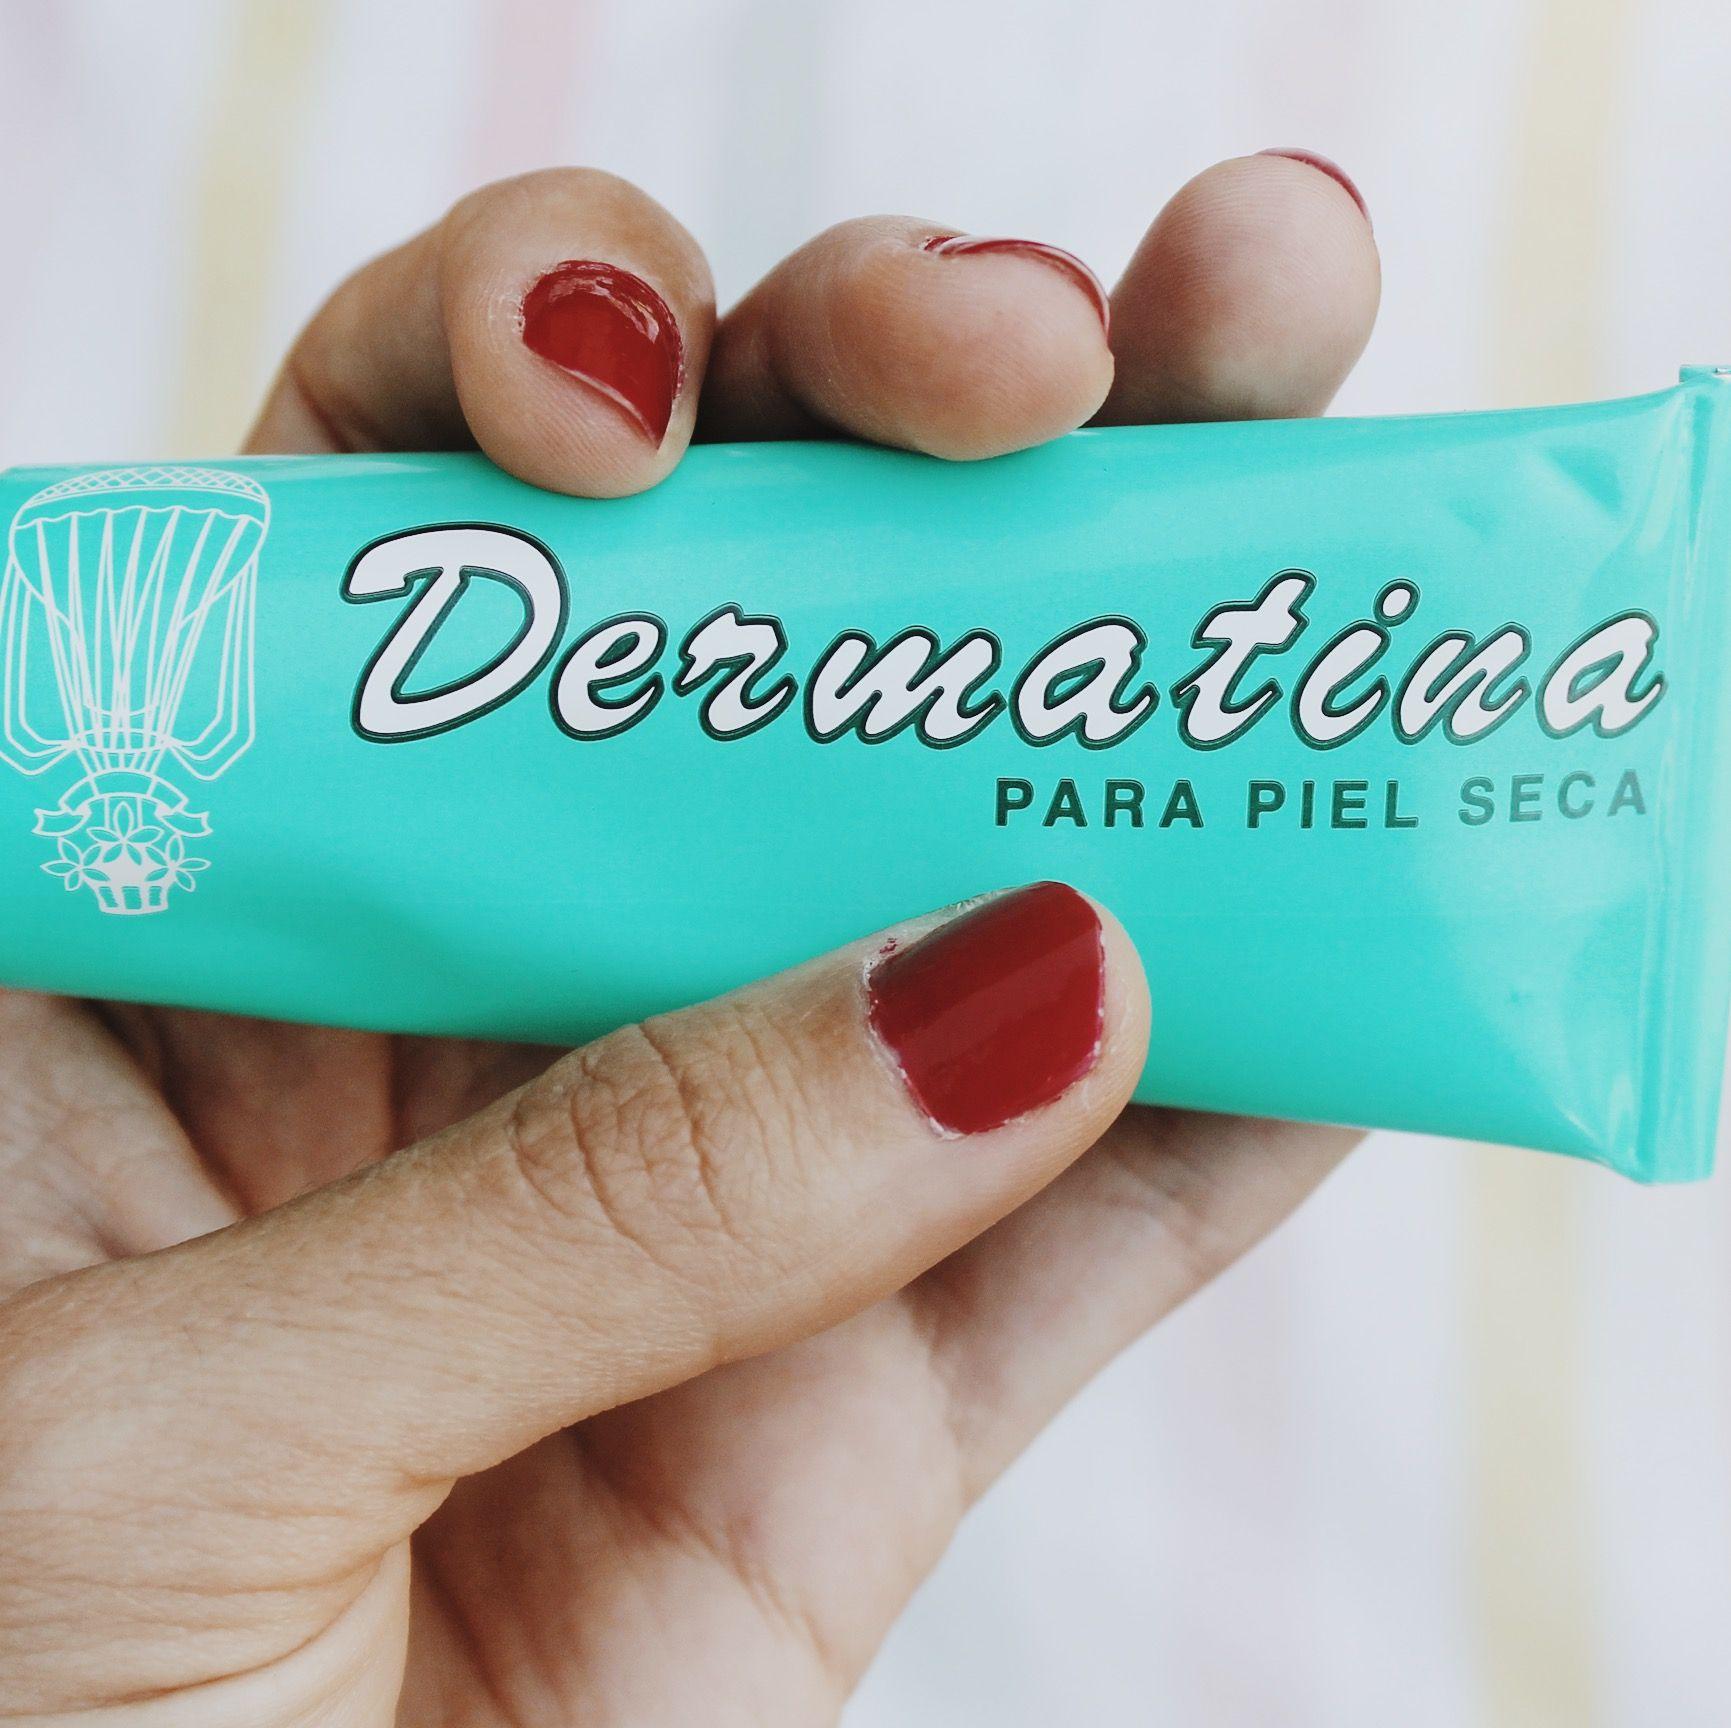 43d5c394a5 Crema dermatina